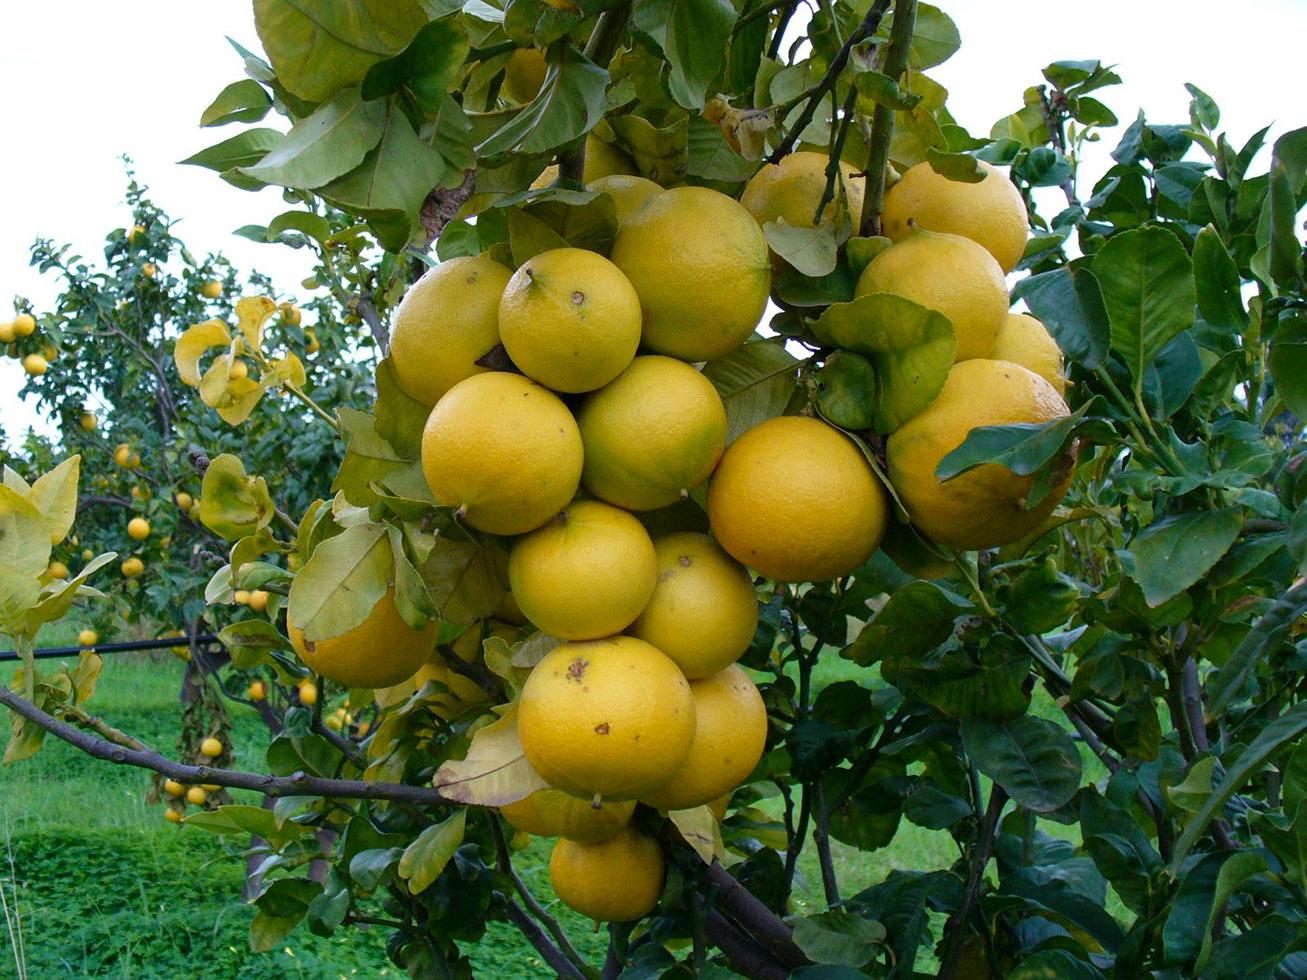 Il bergamotto preziosa base per i profumi, coltivato solo a Reggio